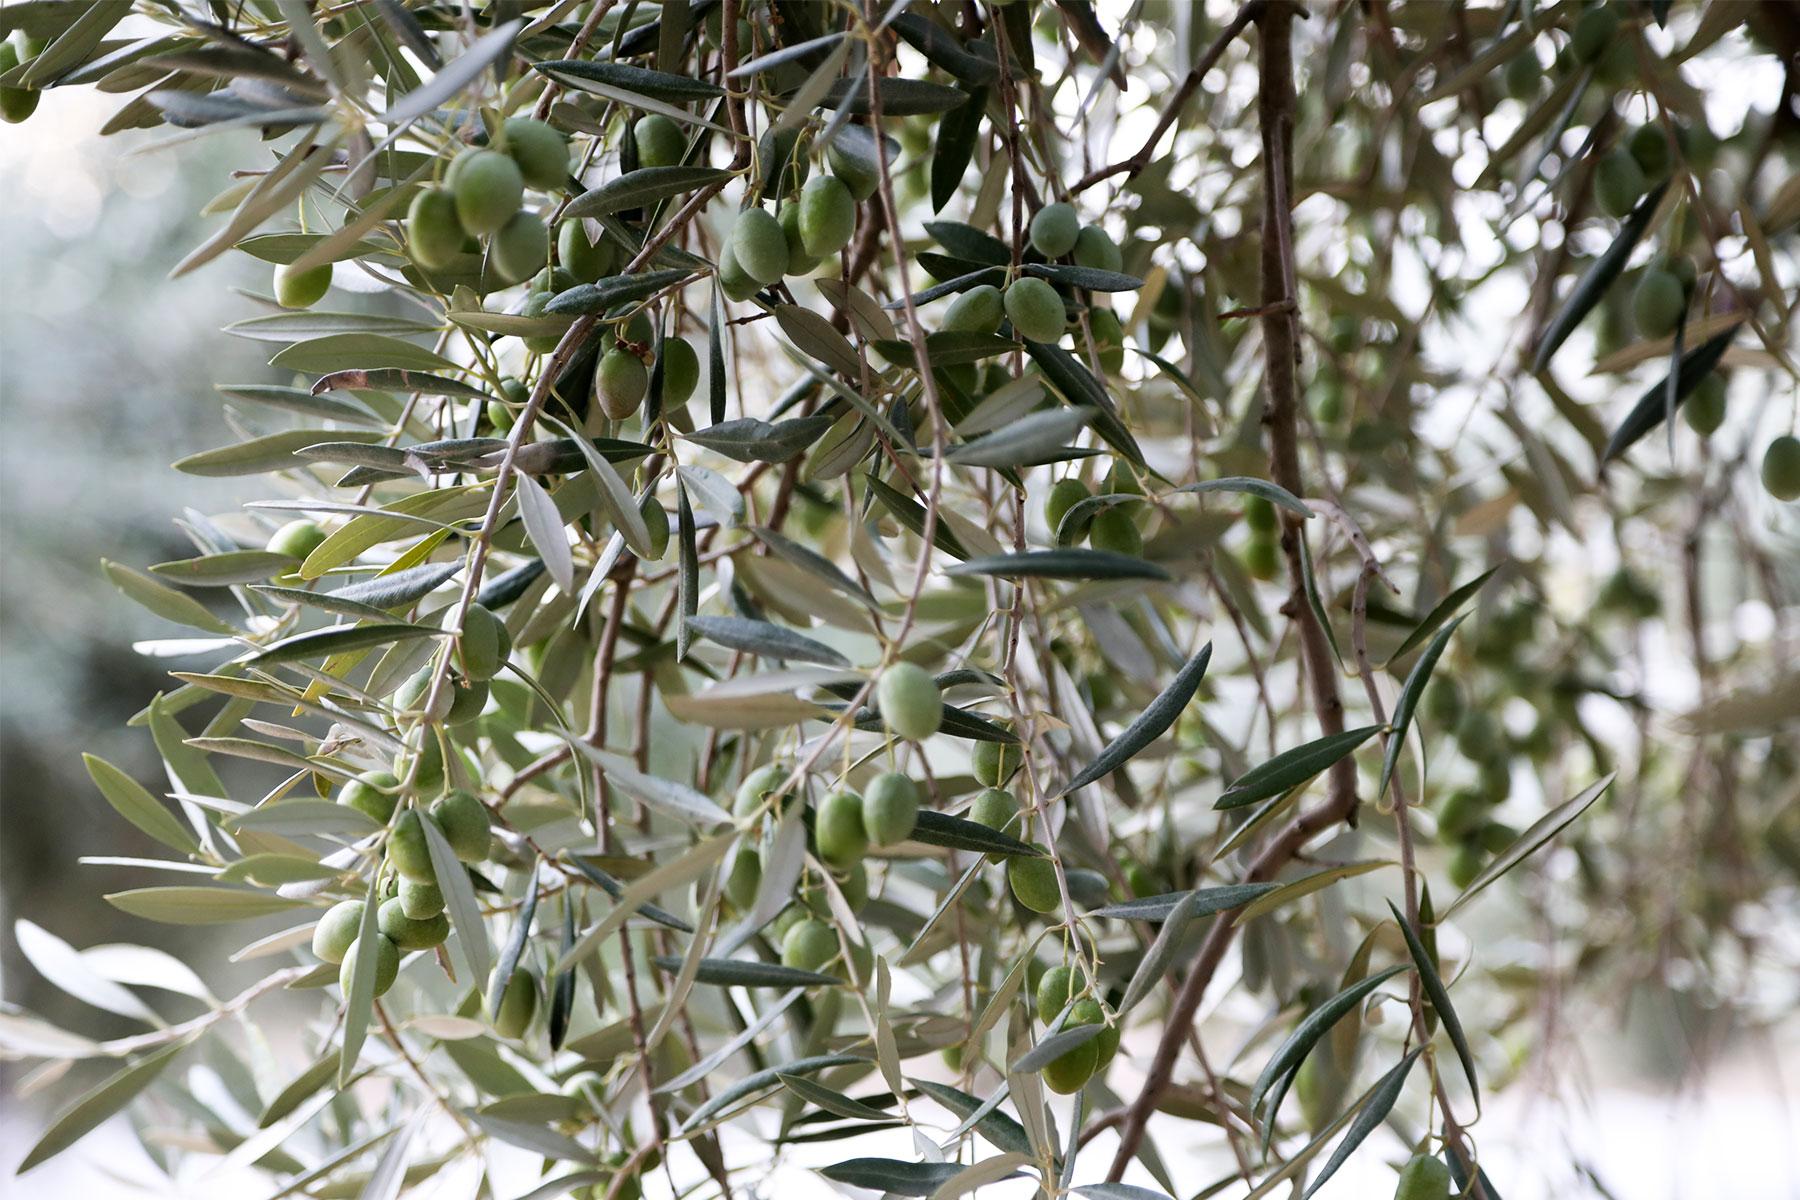 Aceitex---Aceite-de-oliva-virgen-extra---Recoleccion-noche2